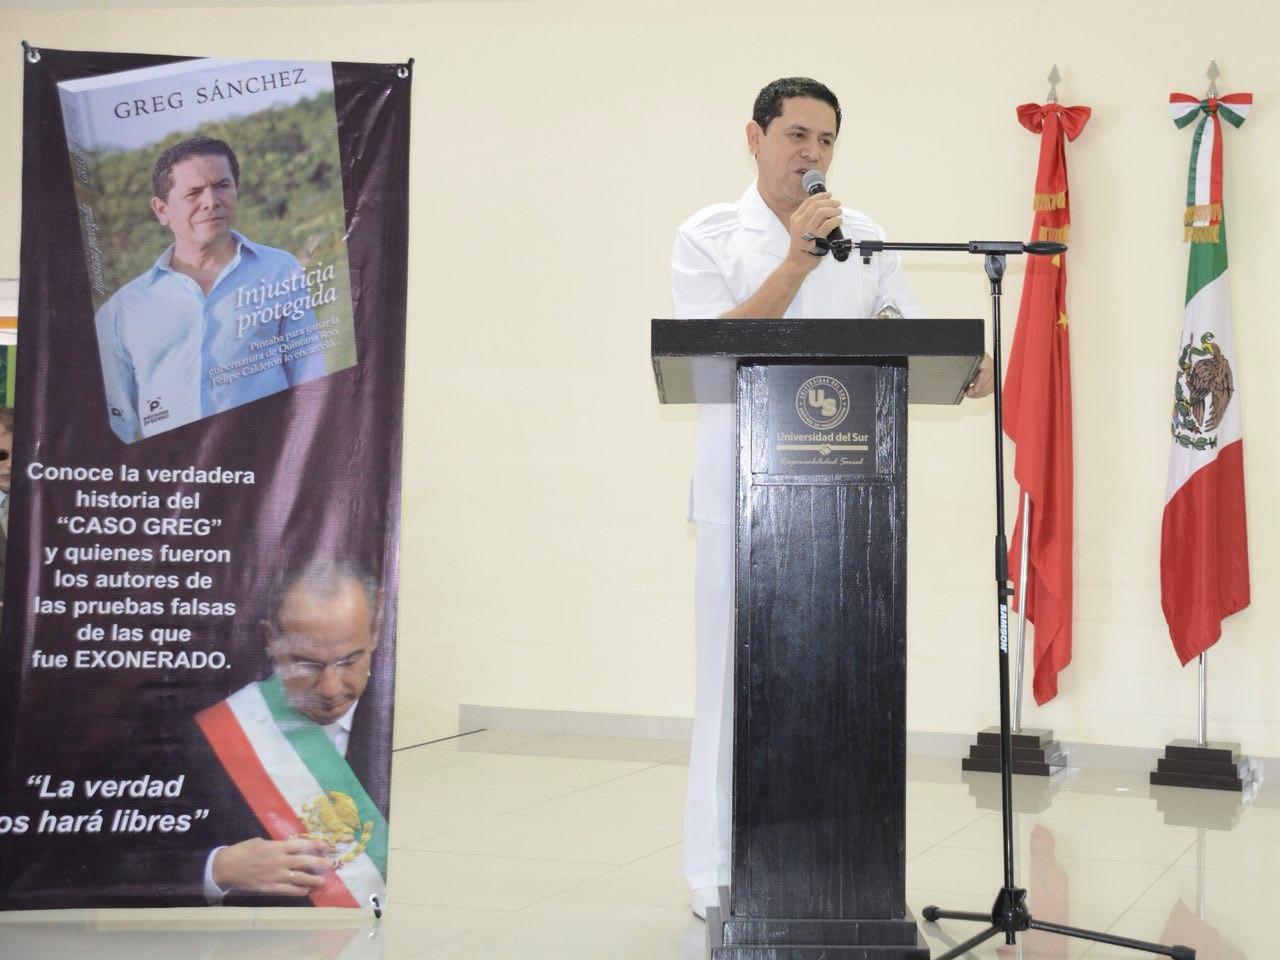 EL CASO DE GREG ES UNO ENTRE MILLONES DE INJUSTICIAS PROTEGIDAS DESDE EL PUTREFACTO SISTEMA POLÍTICO MEXICANO: JAVIER SICILIA